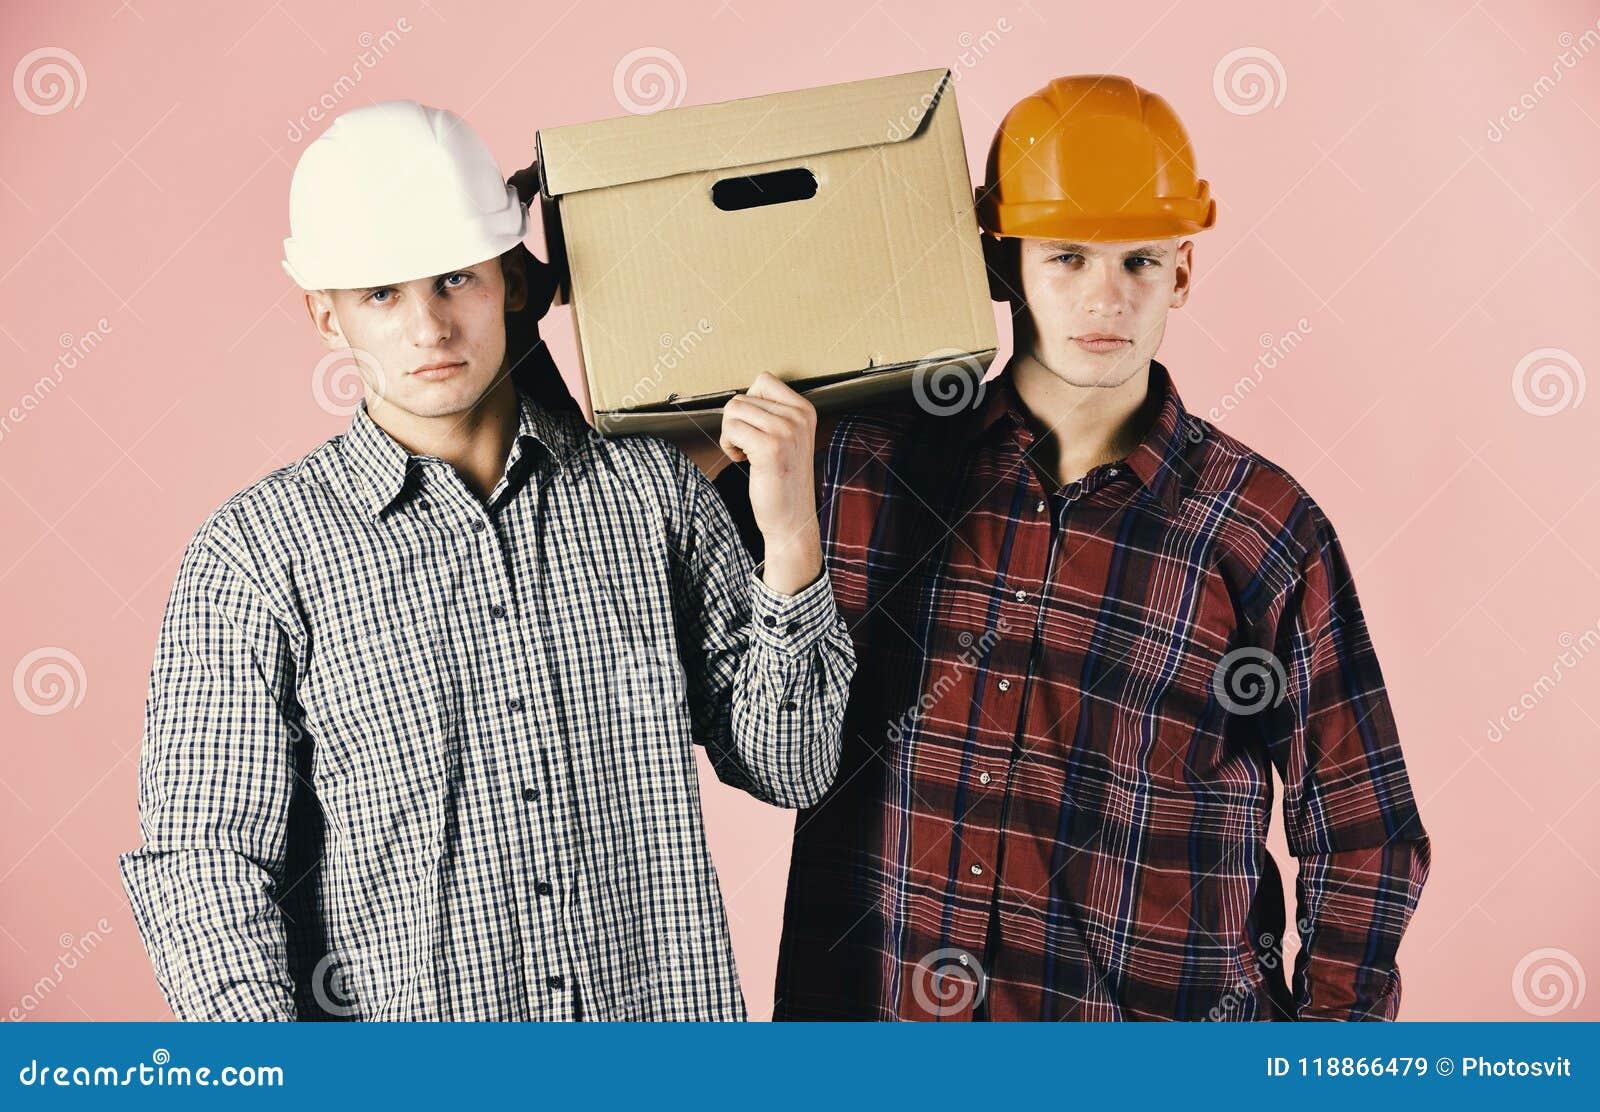 Os homens com caras mal-humoradas guardam a caixa de cartão no fundo cor-de-rosa Entrega, armazém e conceito de empacotamento Irm